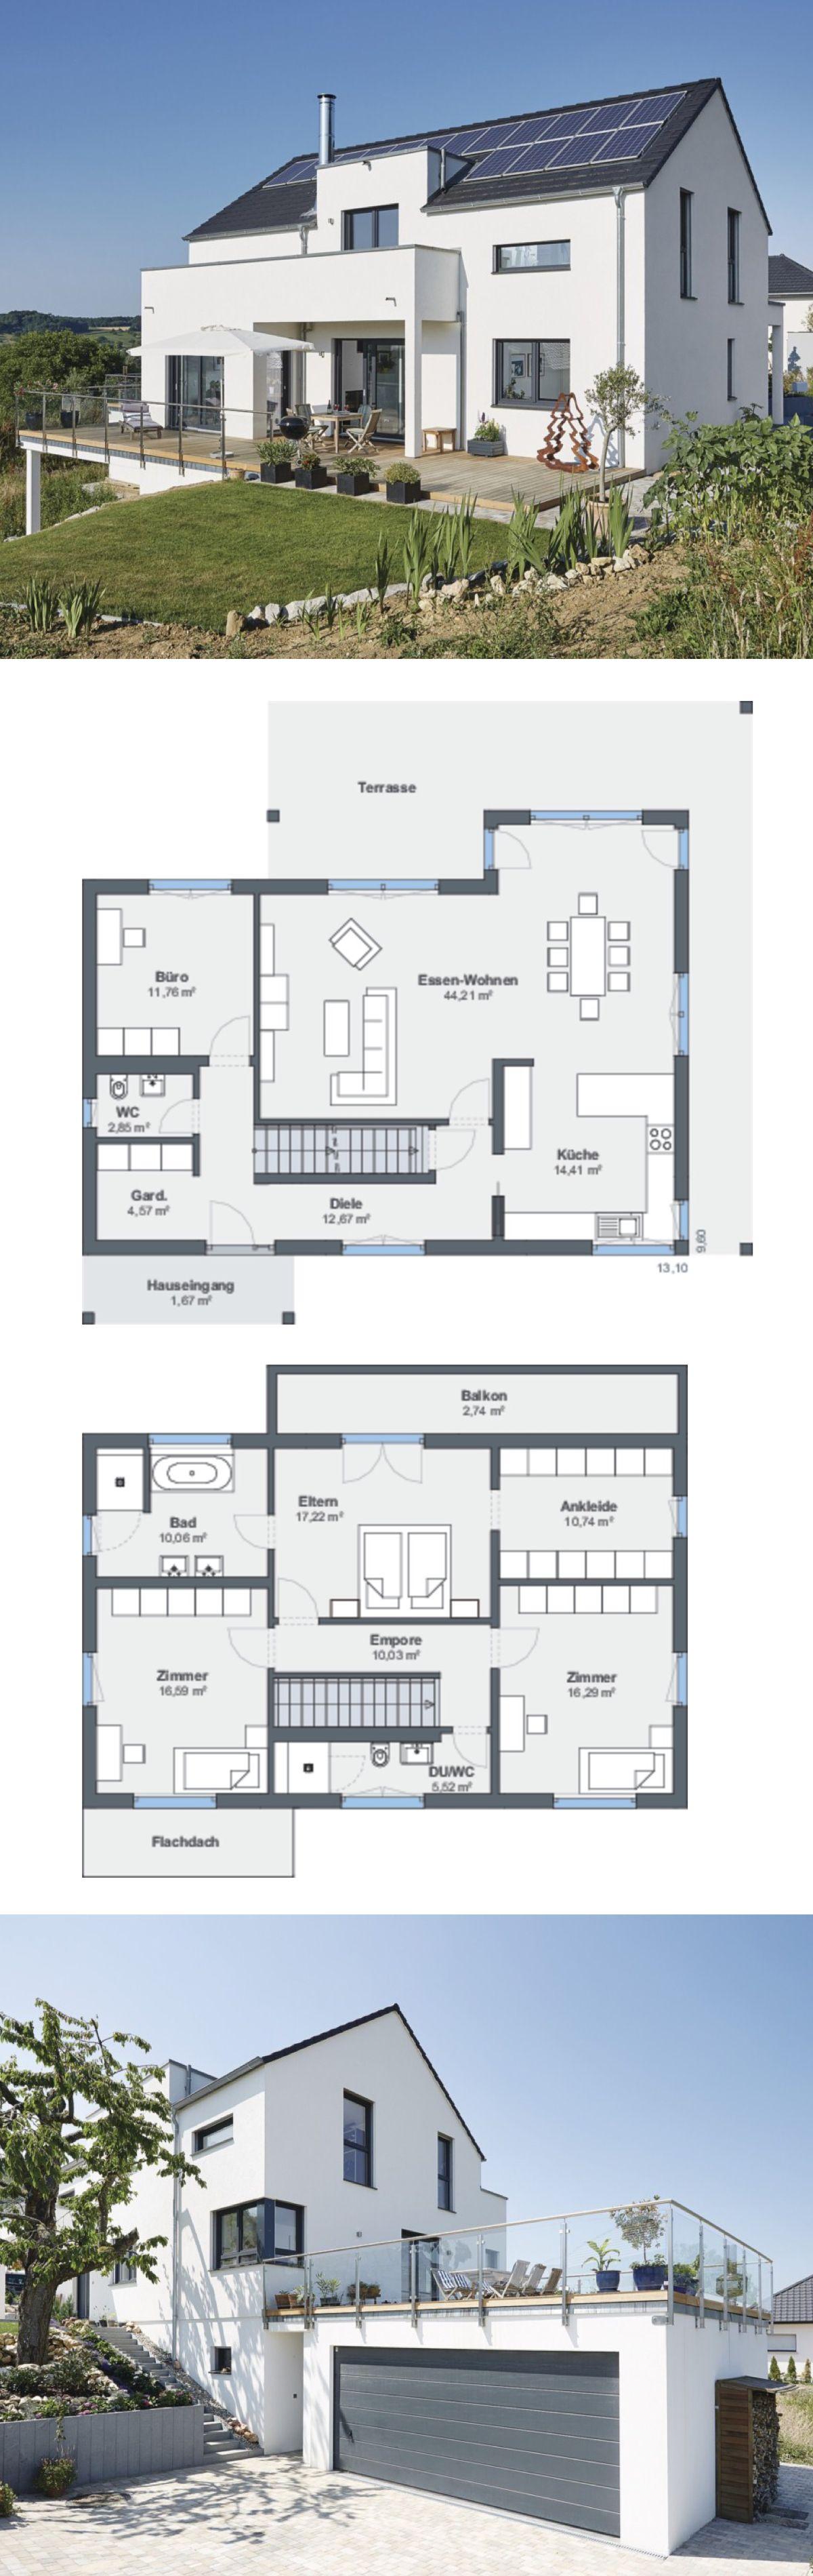 Badezimmer ideen marine modernes einfamilienhaus mit einliegerwohnung garage u satteldach